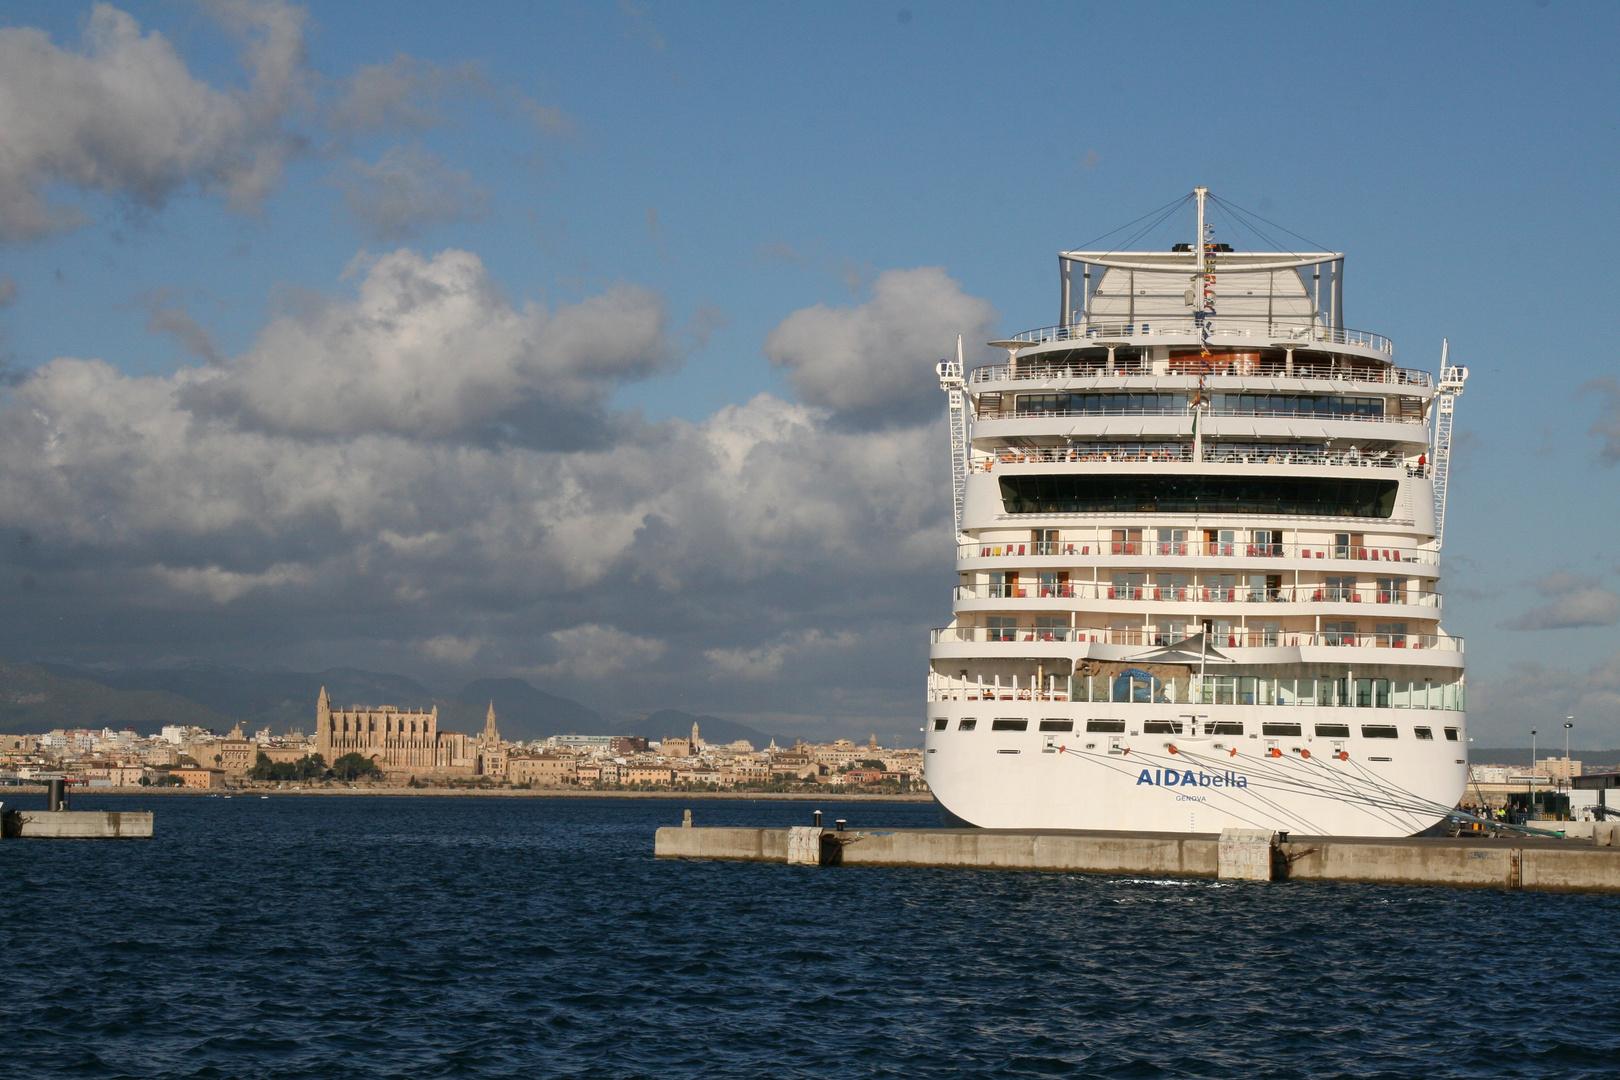 Hafen von Mallorca - AIDA-Anlegestelle 03.12.2010